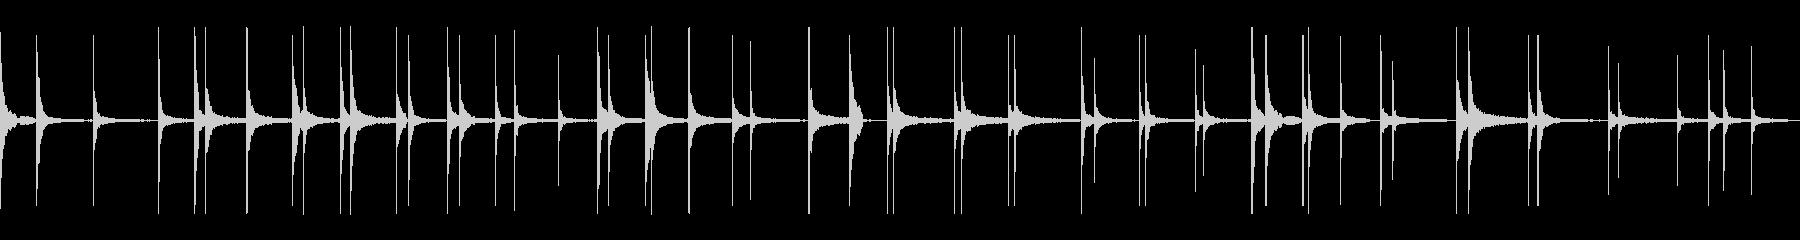 映画 スローなピアノ ドキュメンタリー の未再生の波形